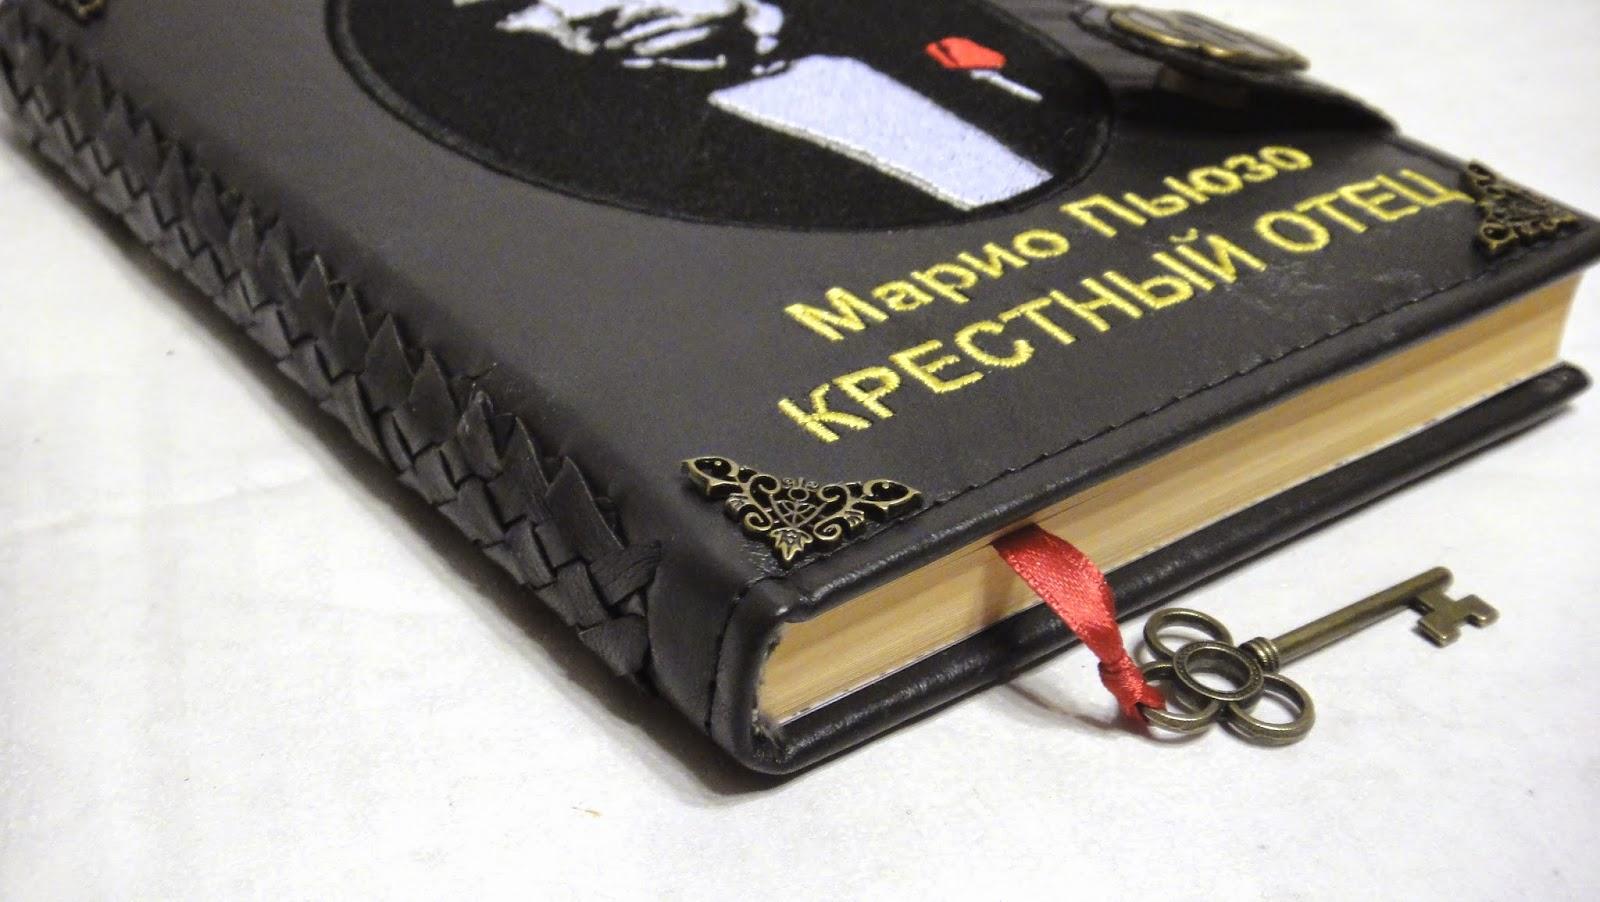 Книга в кожаном переплете ручной работы, издание 1991 года